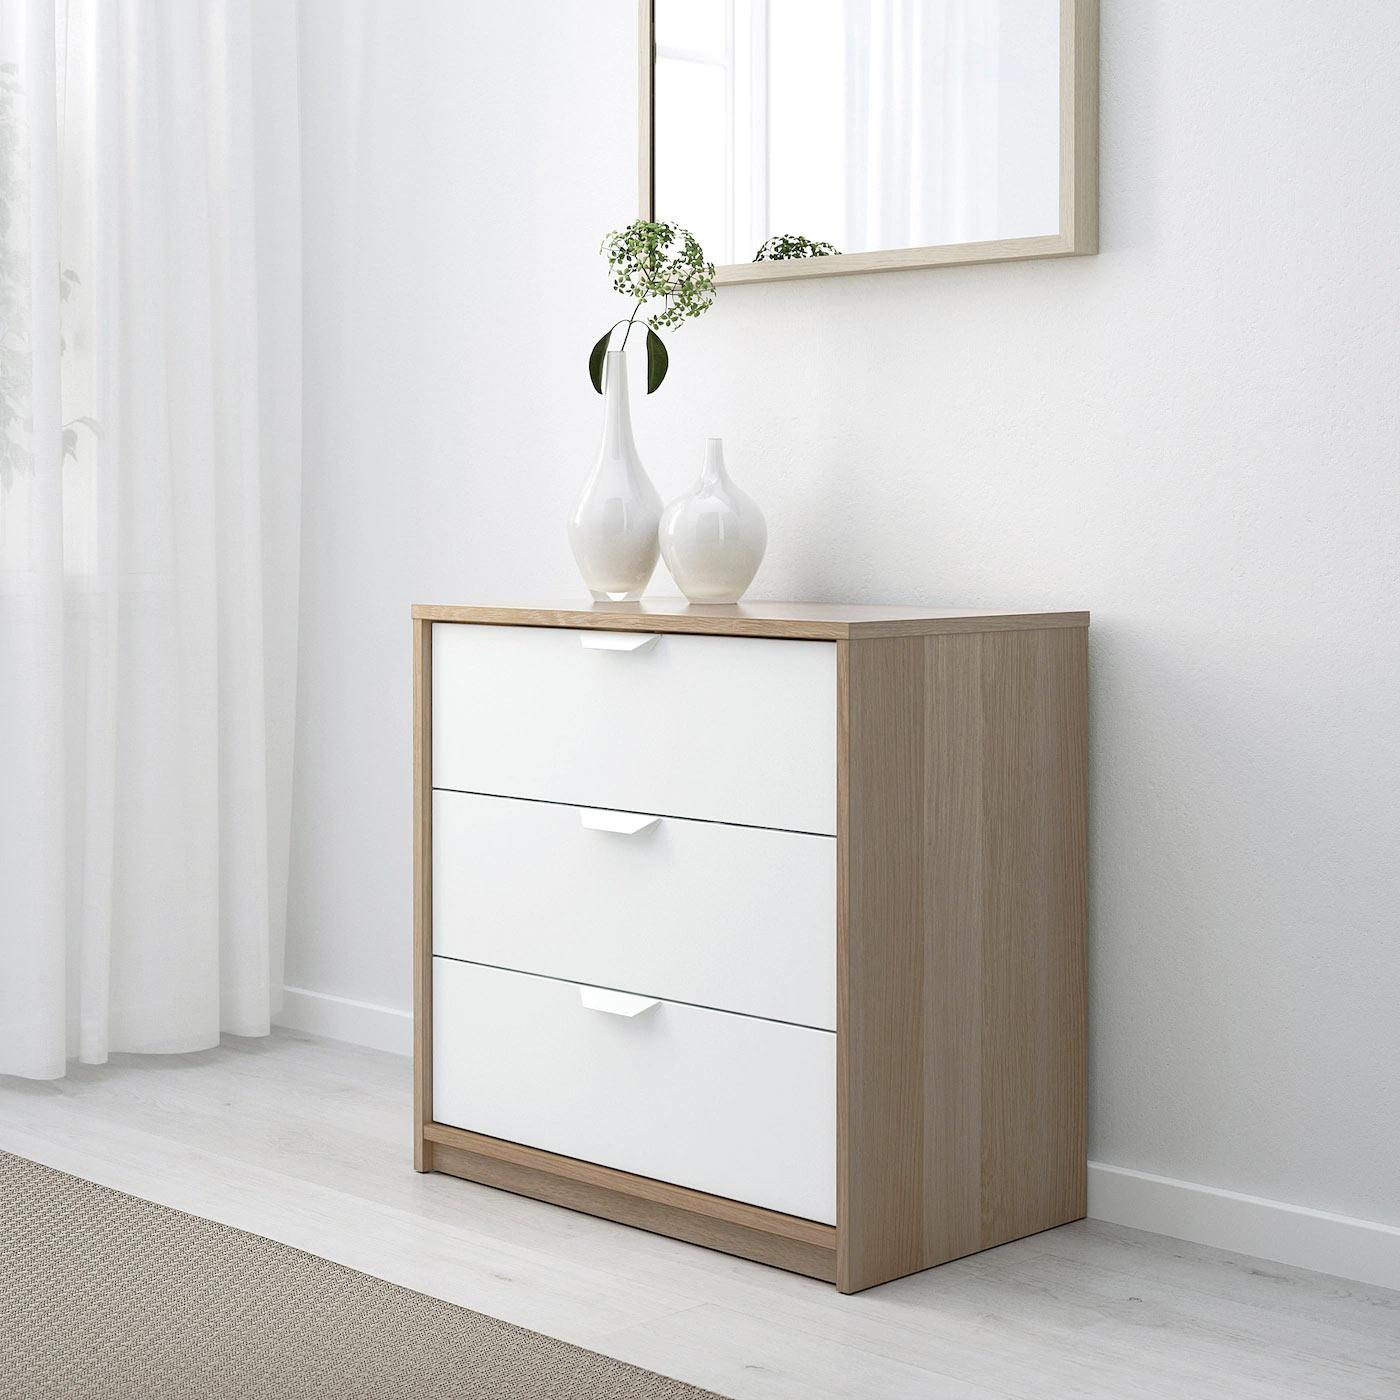 13 cassettiere IKEA per ordinare casa con gusto! Ispiratevi